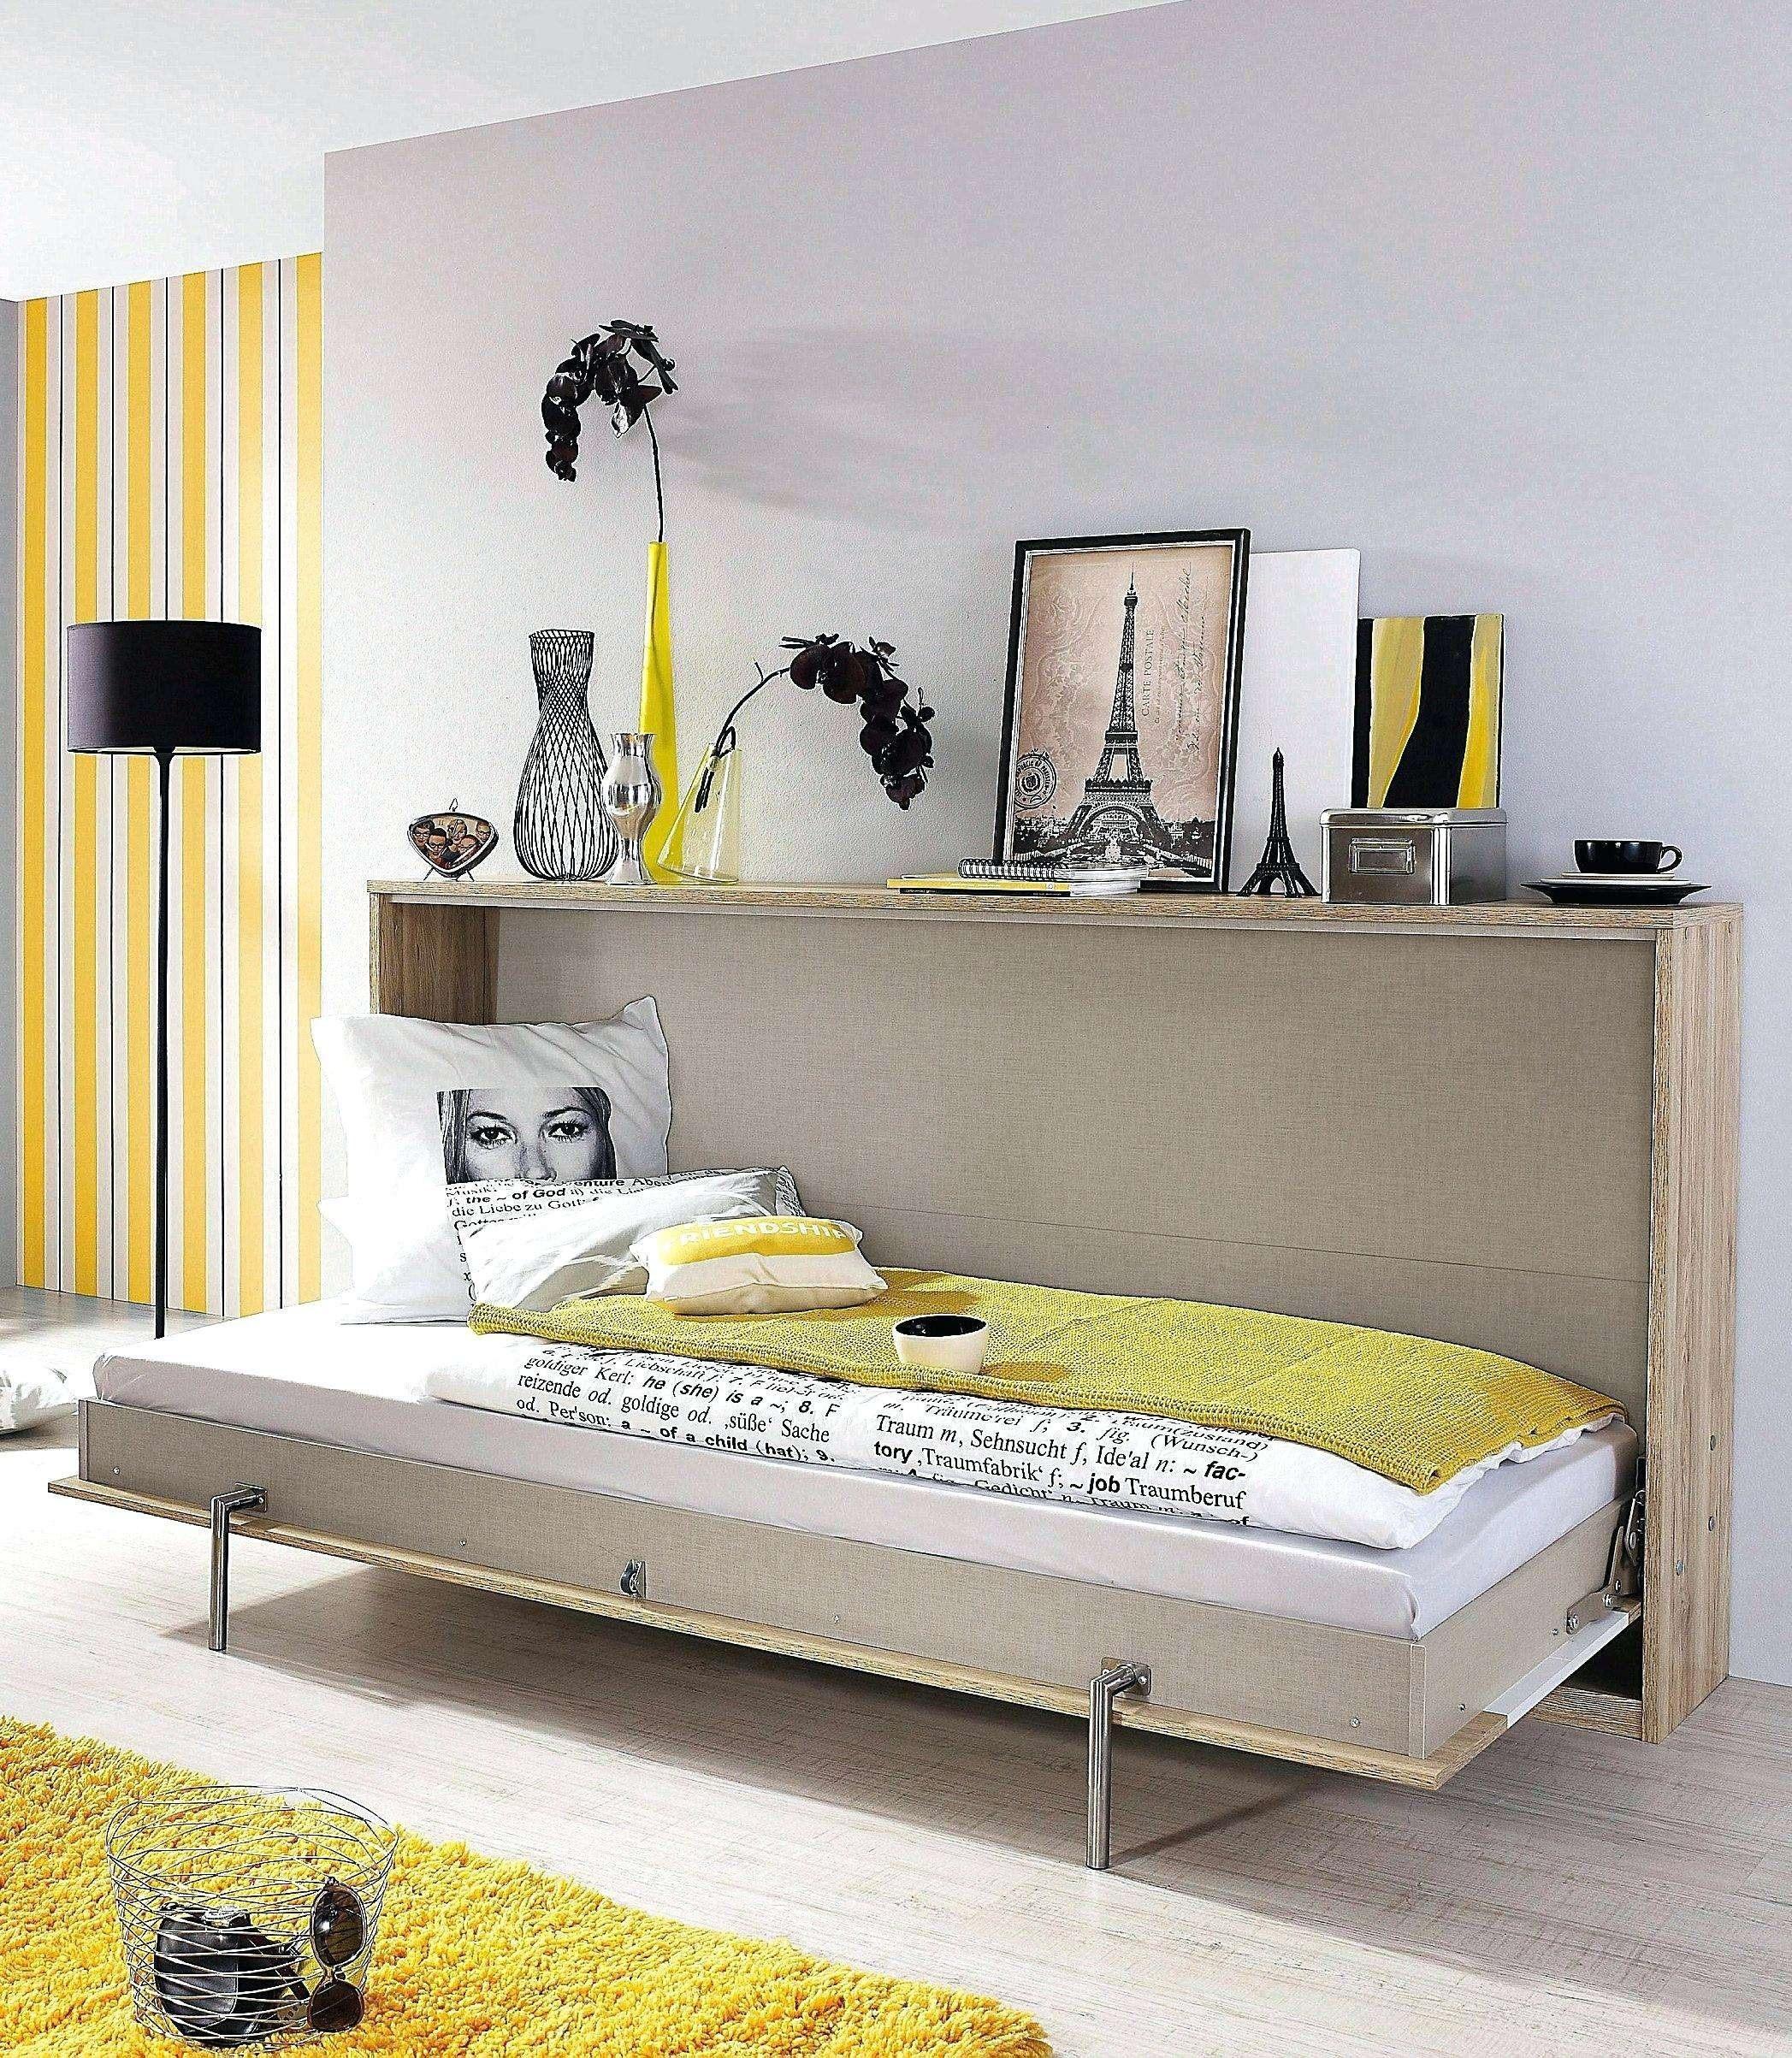 Lit Gigogne Adulte Ikea Douce Matelas Ikea 160×200 Unique Ikea Matelas 90—190 Best Lit Gigogne